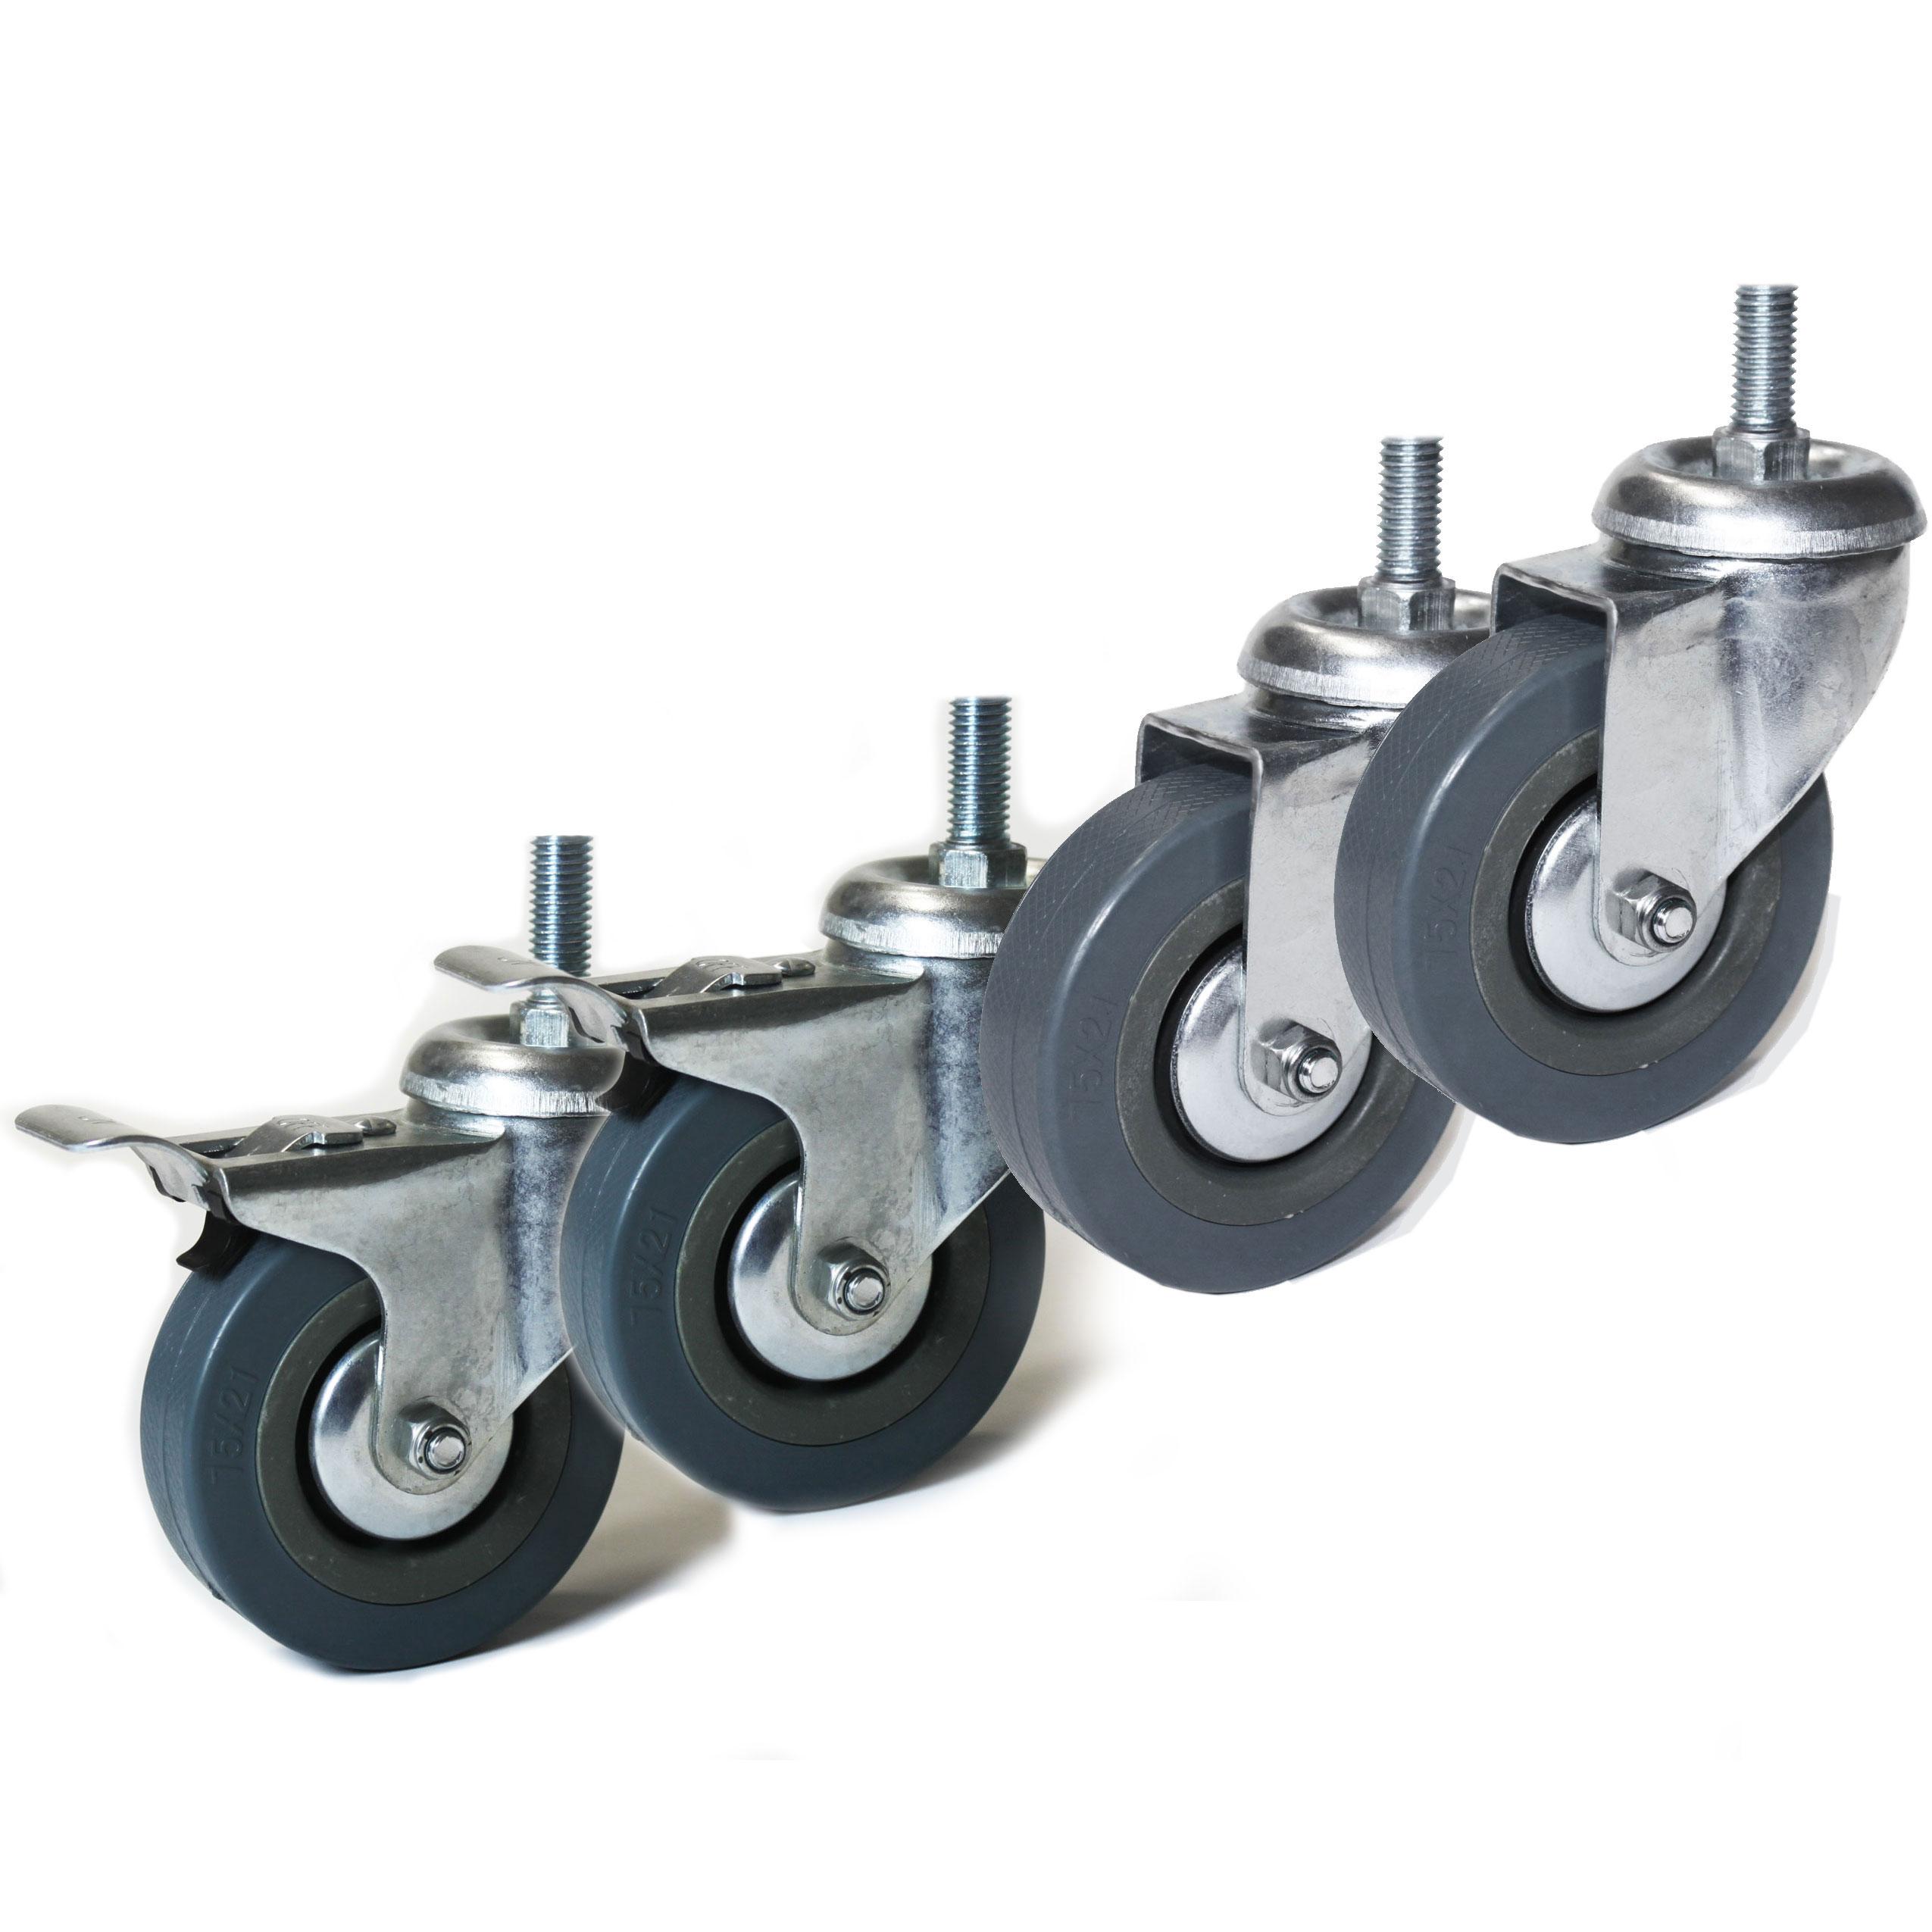 4 Lenkrollen 75mm mit Gewinde M10x20mm Möbelrollen 2x mit und 2x ohne Bremse